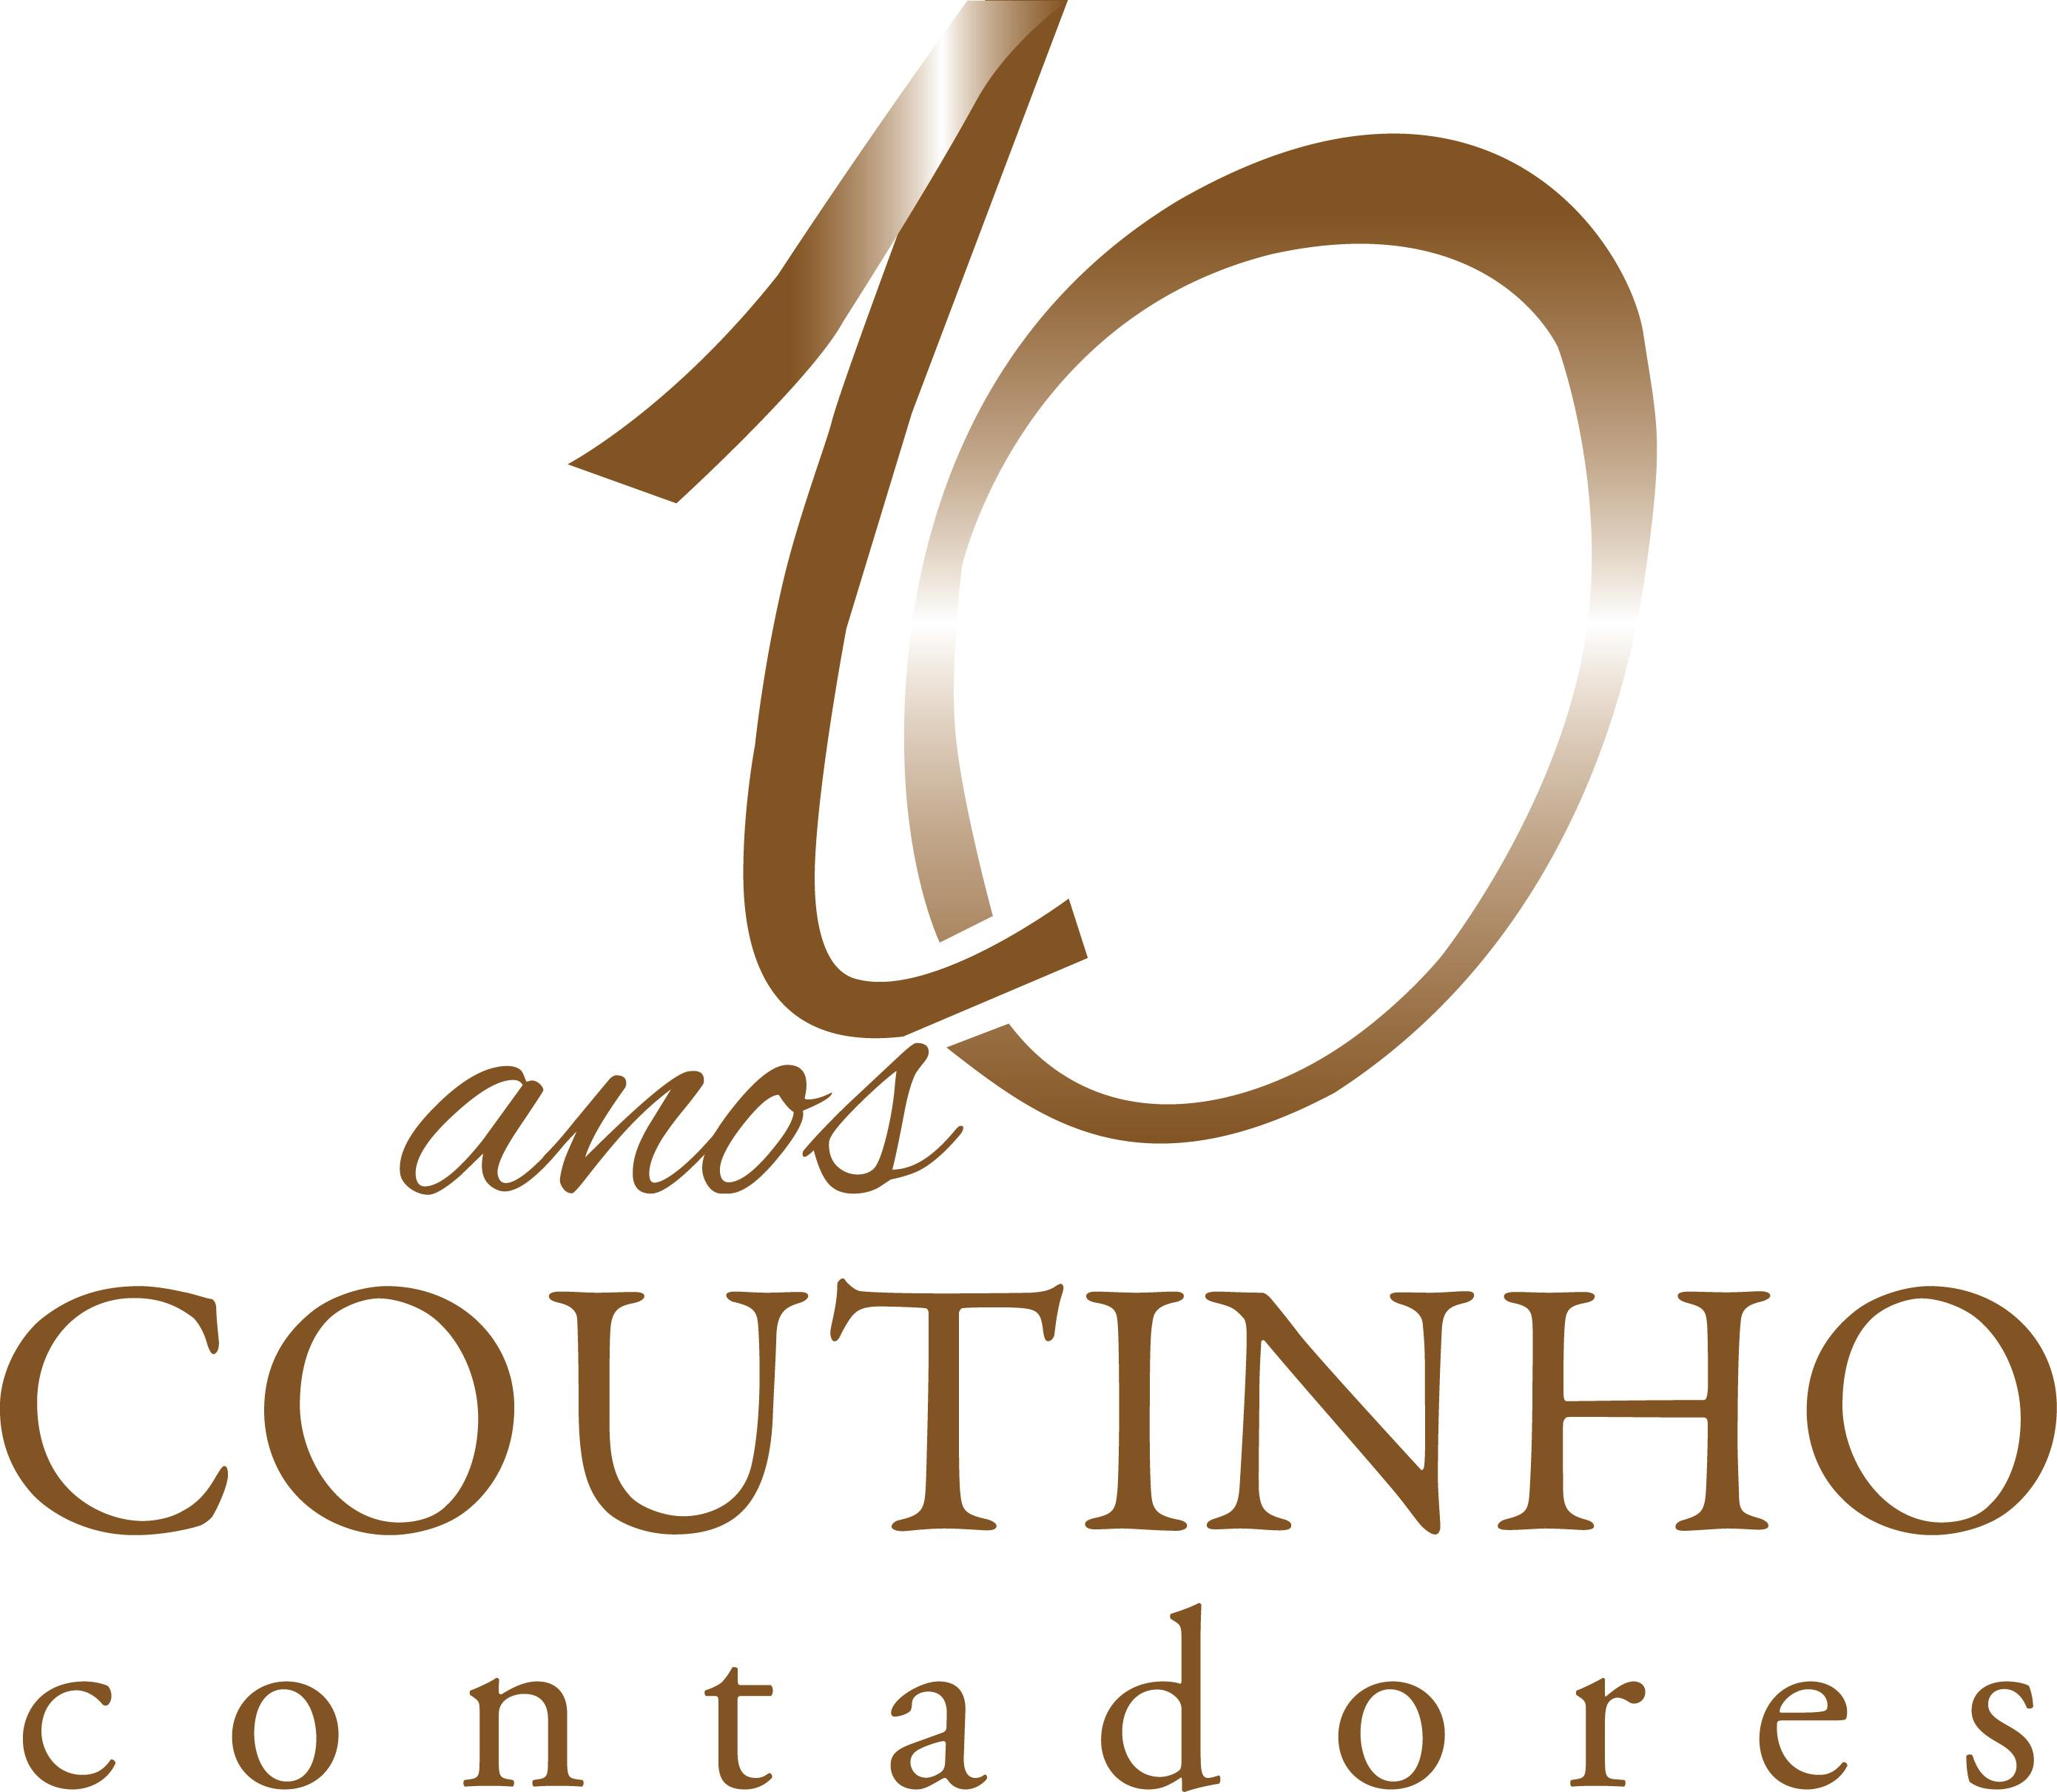 COUTINHO CONTADORES